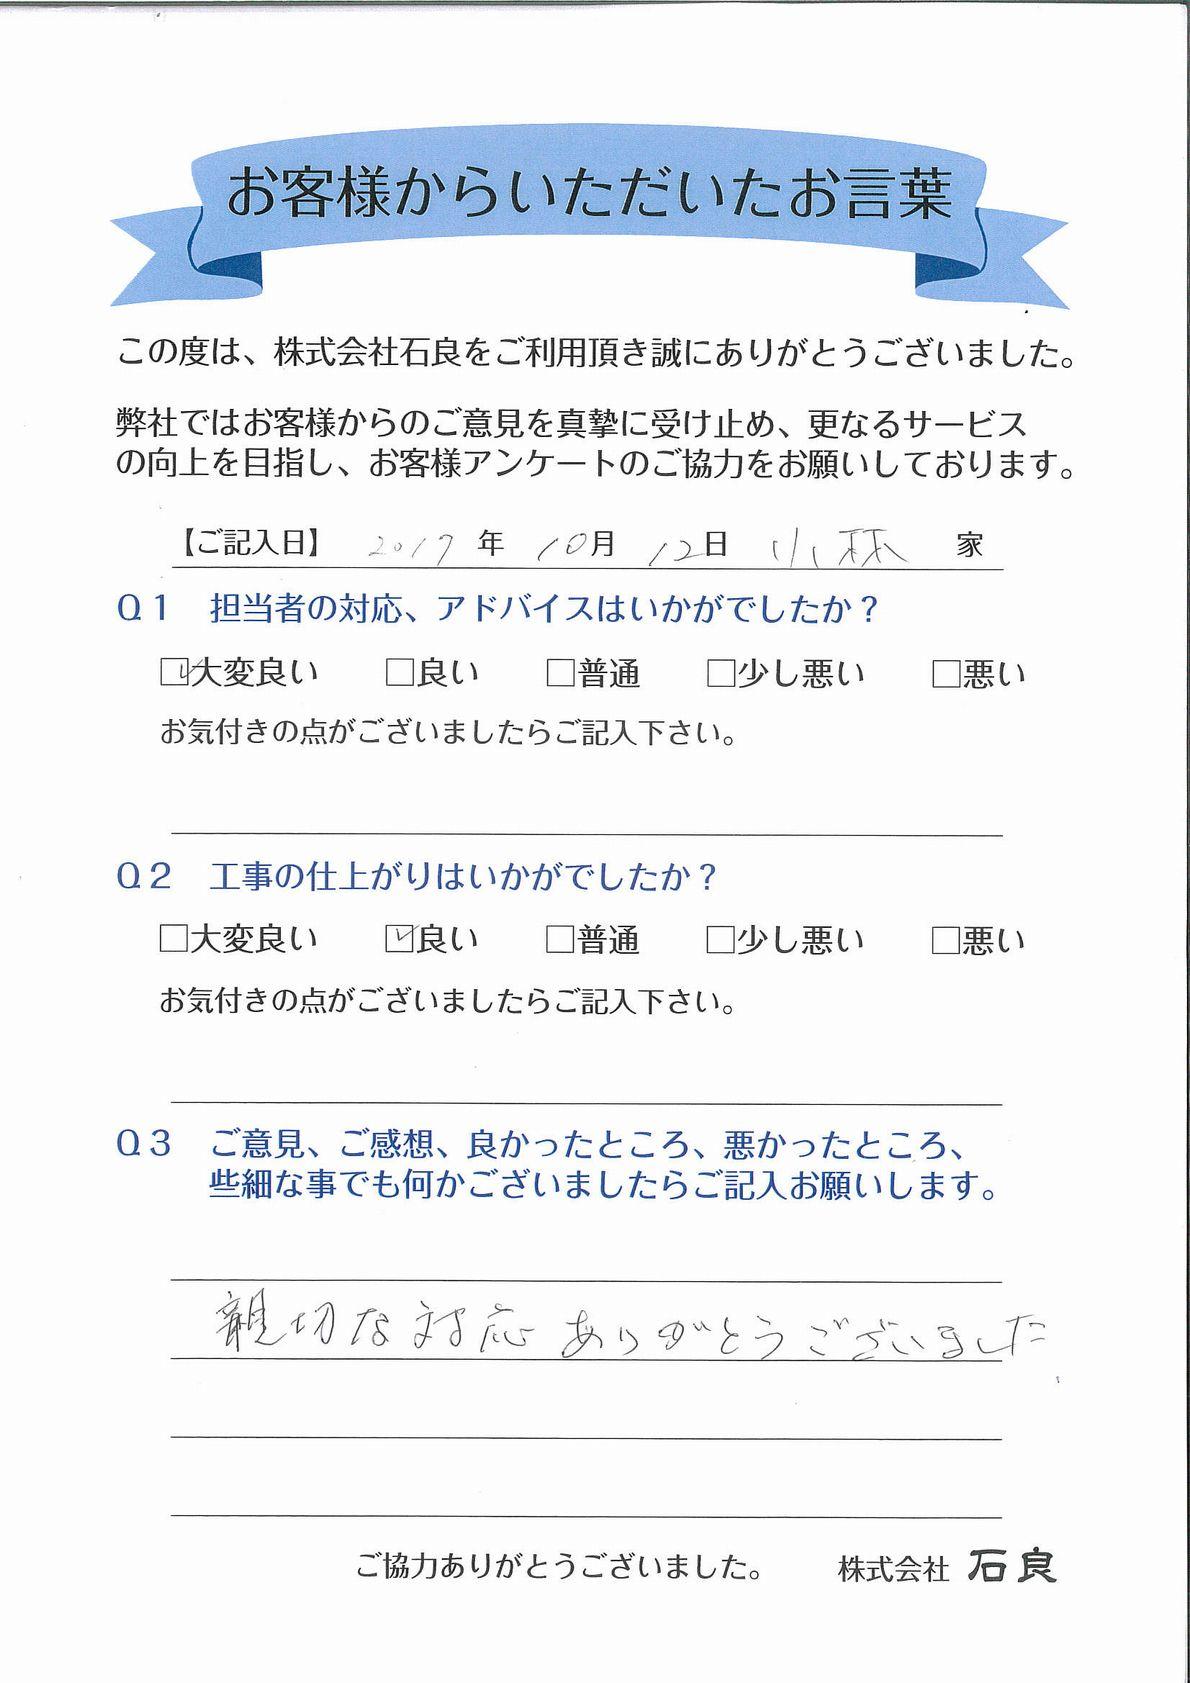 「松戸市 小林家」ありがとうございました。